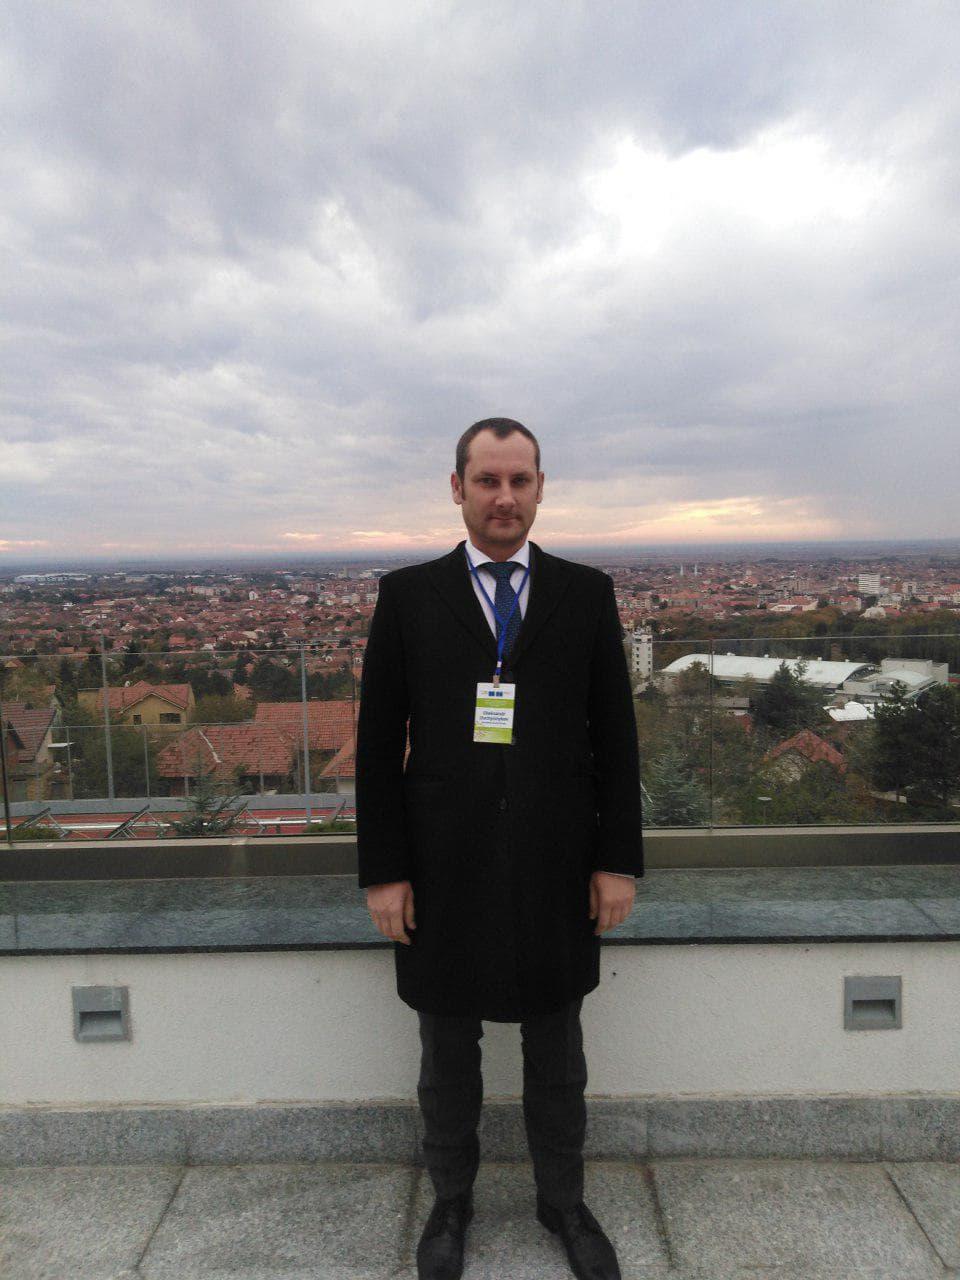 Участие Александра Овчинникова в образовательном семинаре по исполнению решений ЕСПЧ в Сербии